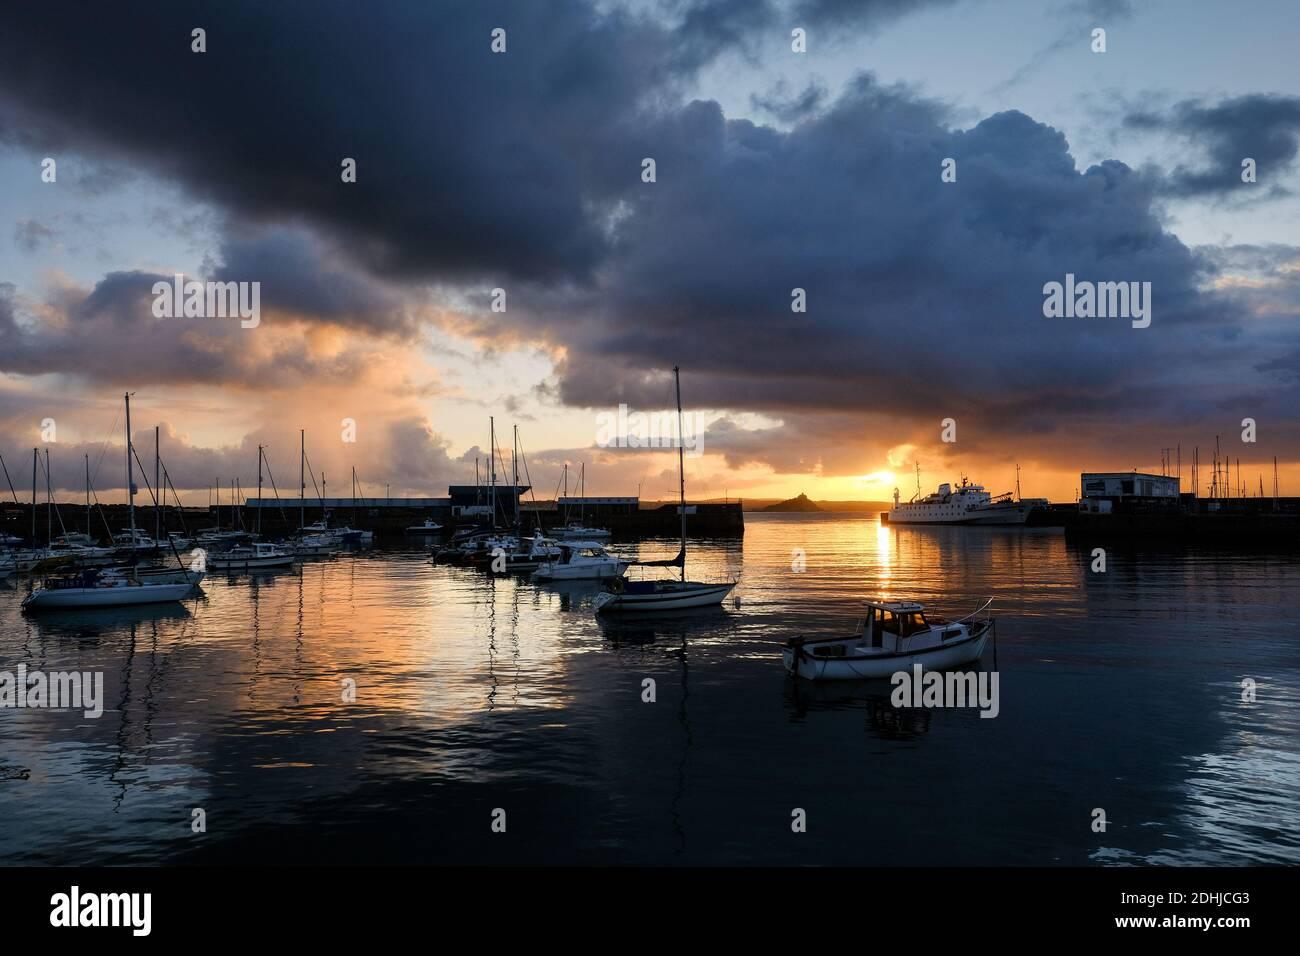 Le calme avant la tempête Alex, alors que le soleil se lève derrière le phare du port de Penzance le premier jour d'octobre. Banque D'Images